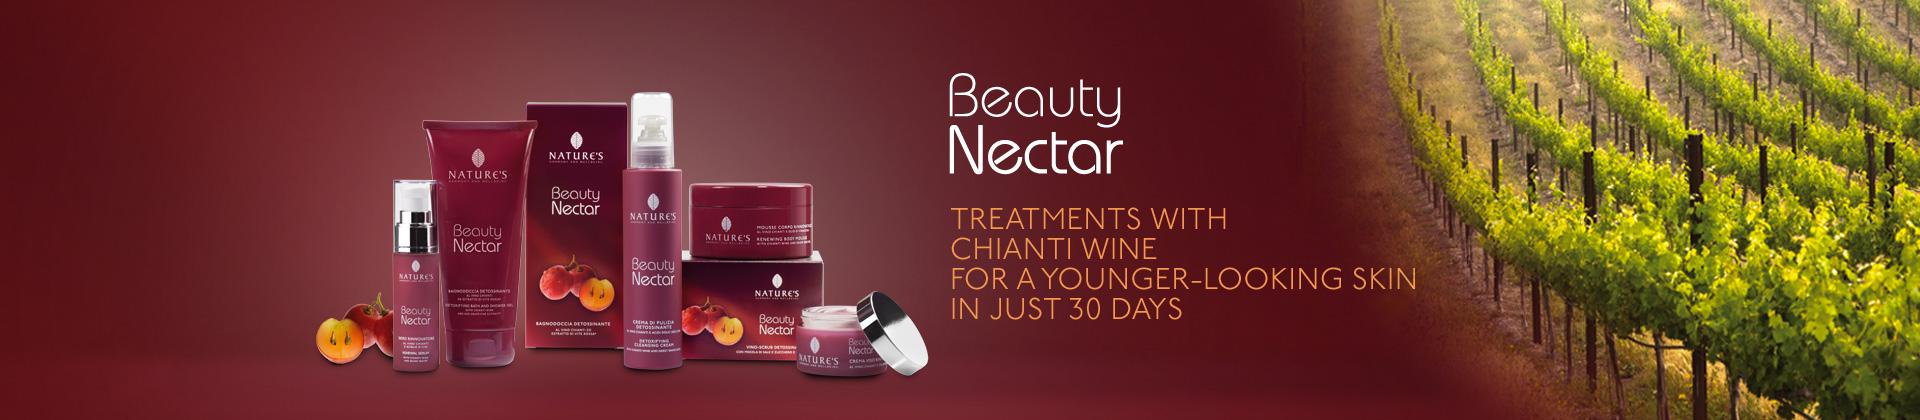 beauty-nectar-1920x420-en